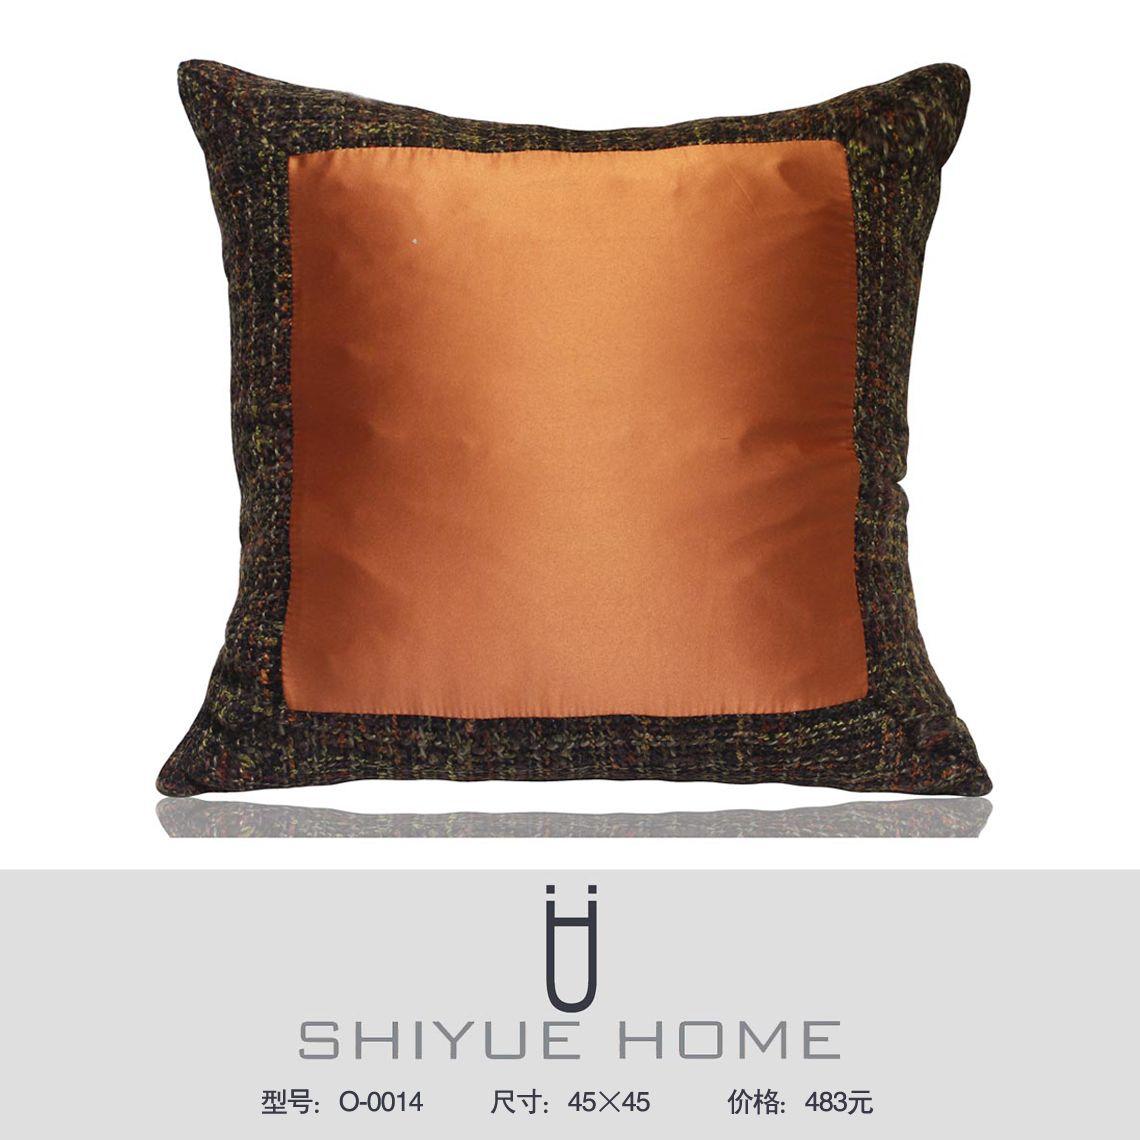 中式抱枕 新中式样板房抱枕靠垫现代简约黑白条纹几何格子抱枕套样板房沙发靠枕 Qq 2853529906